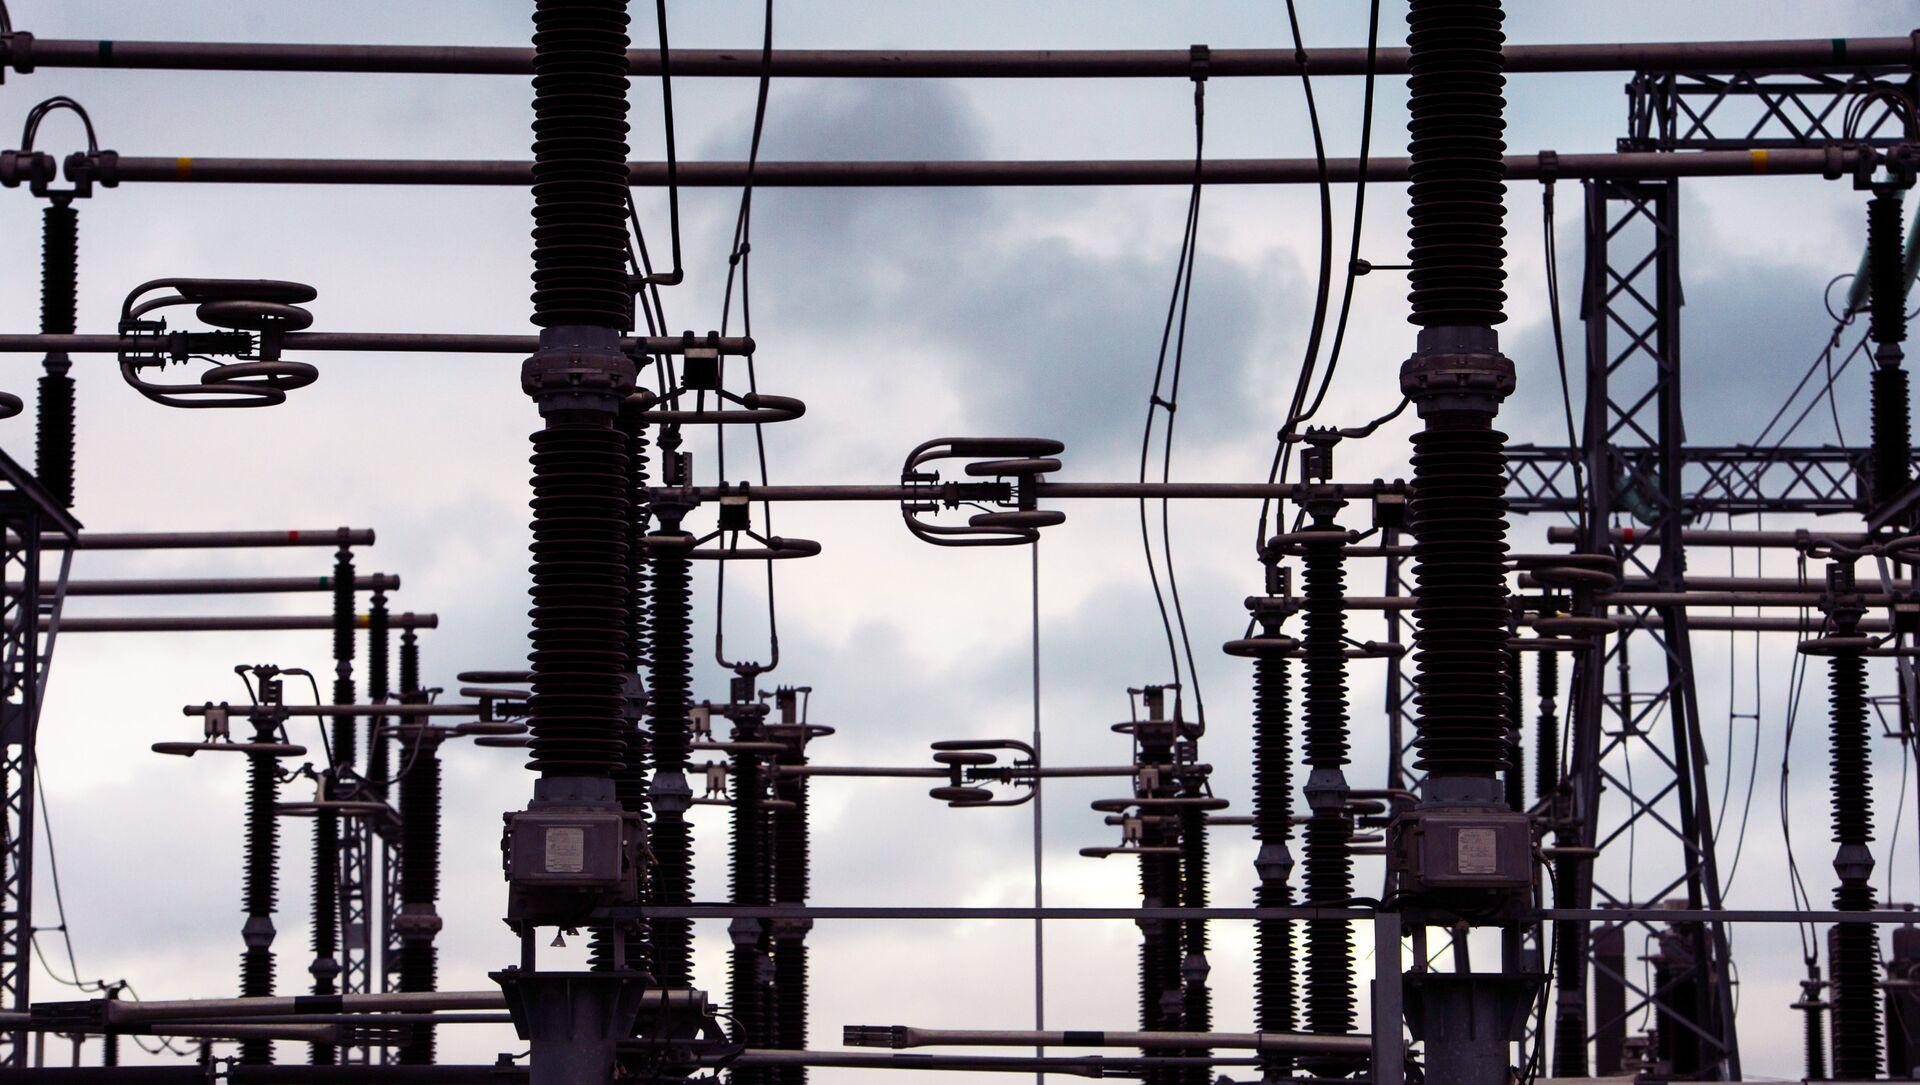 Провода, изоляторы, трансформаторы электроподстанции. Архивное фото. - Sputnik Аҧсны, 1920, 06.10.2021